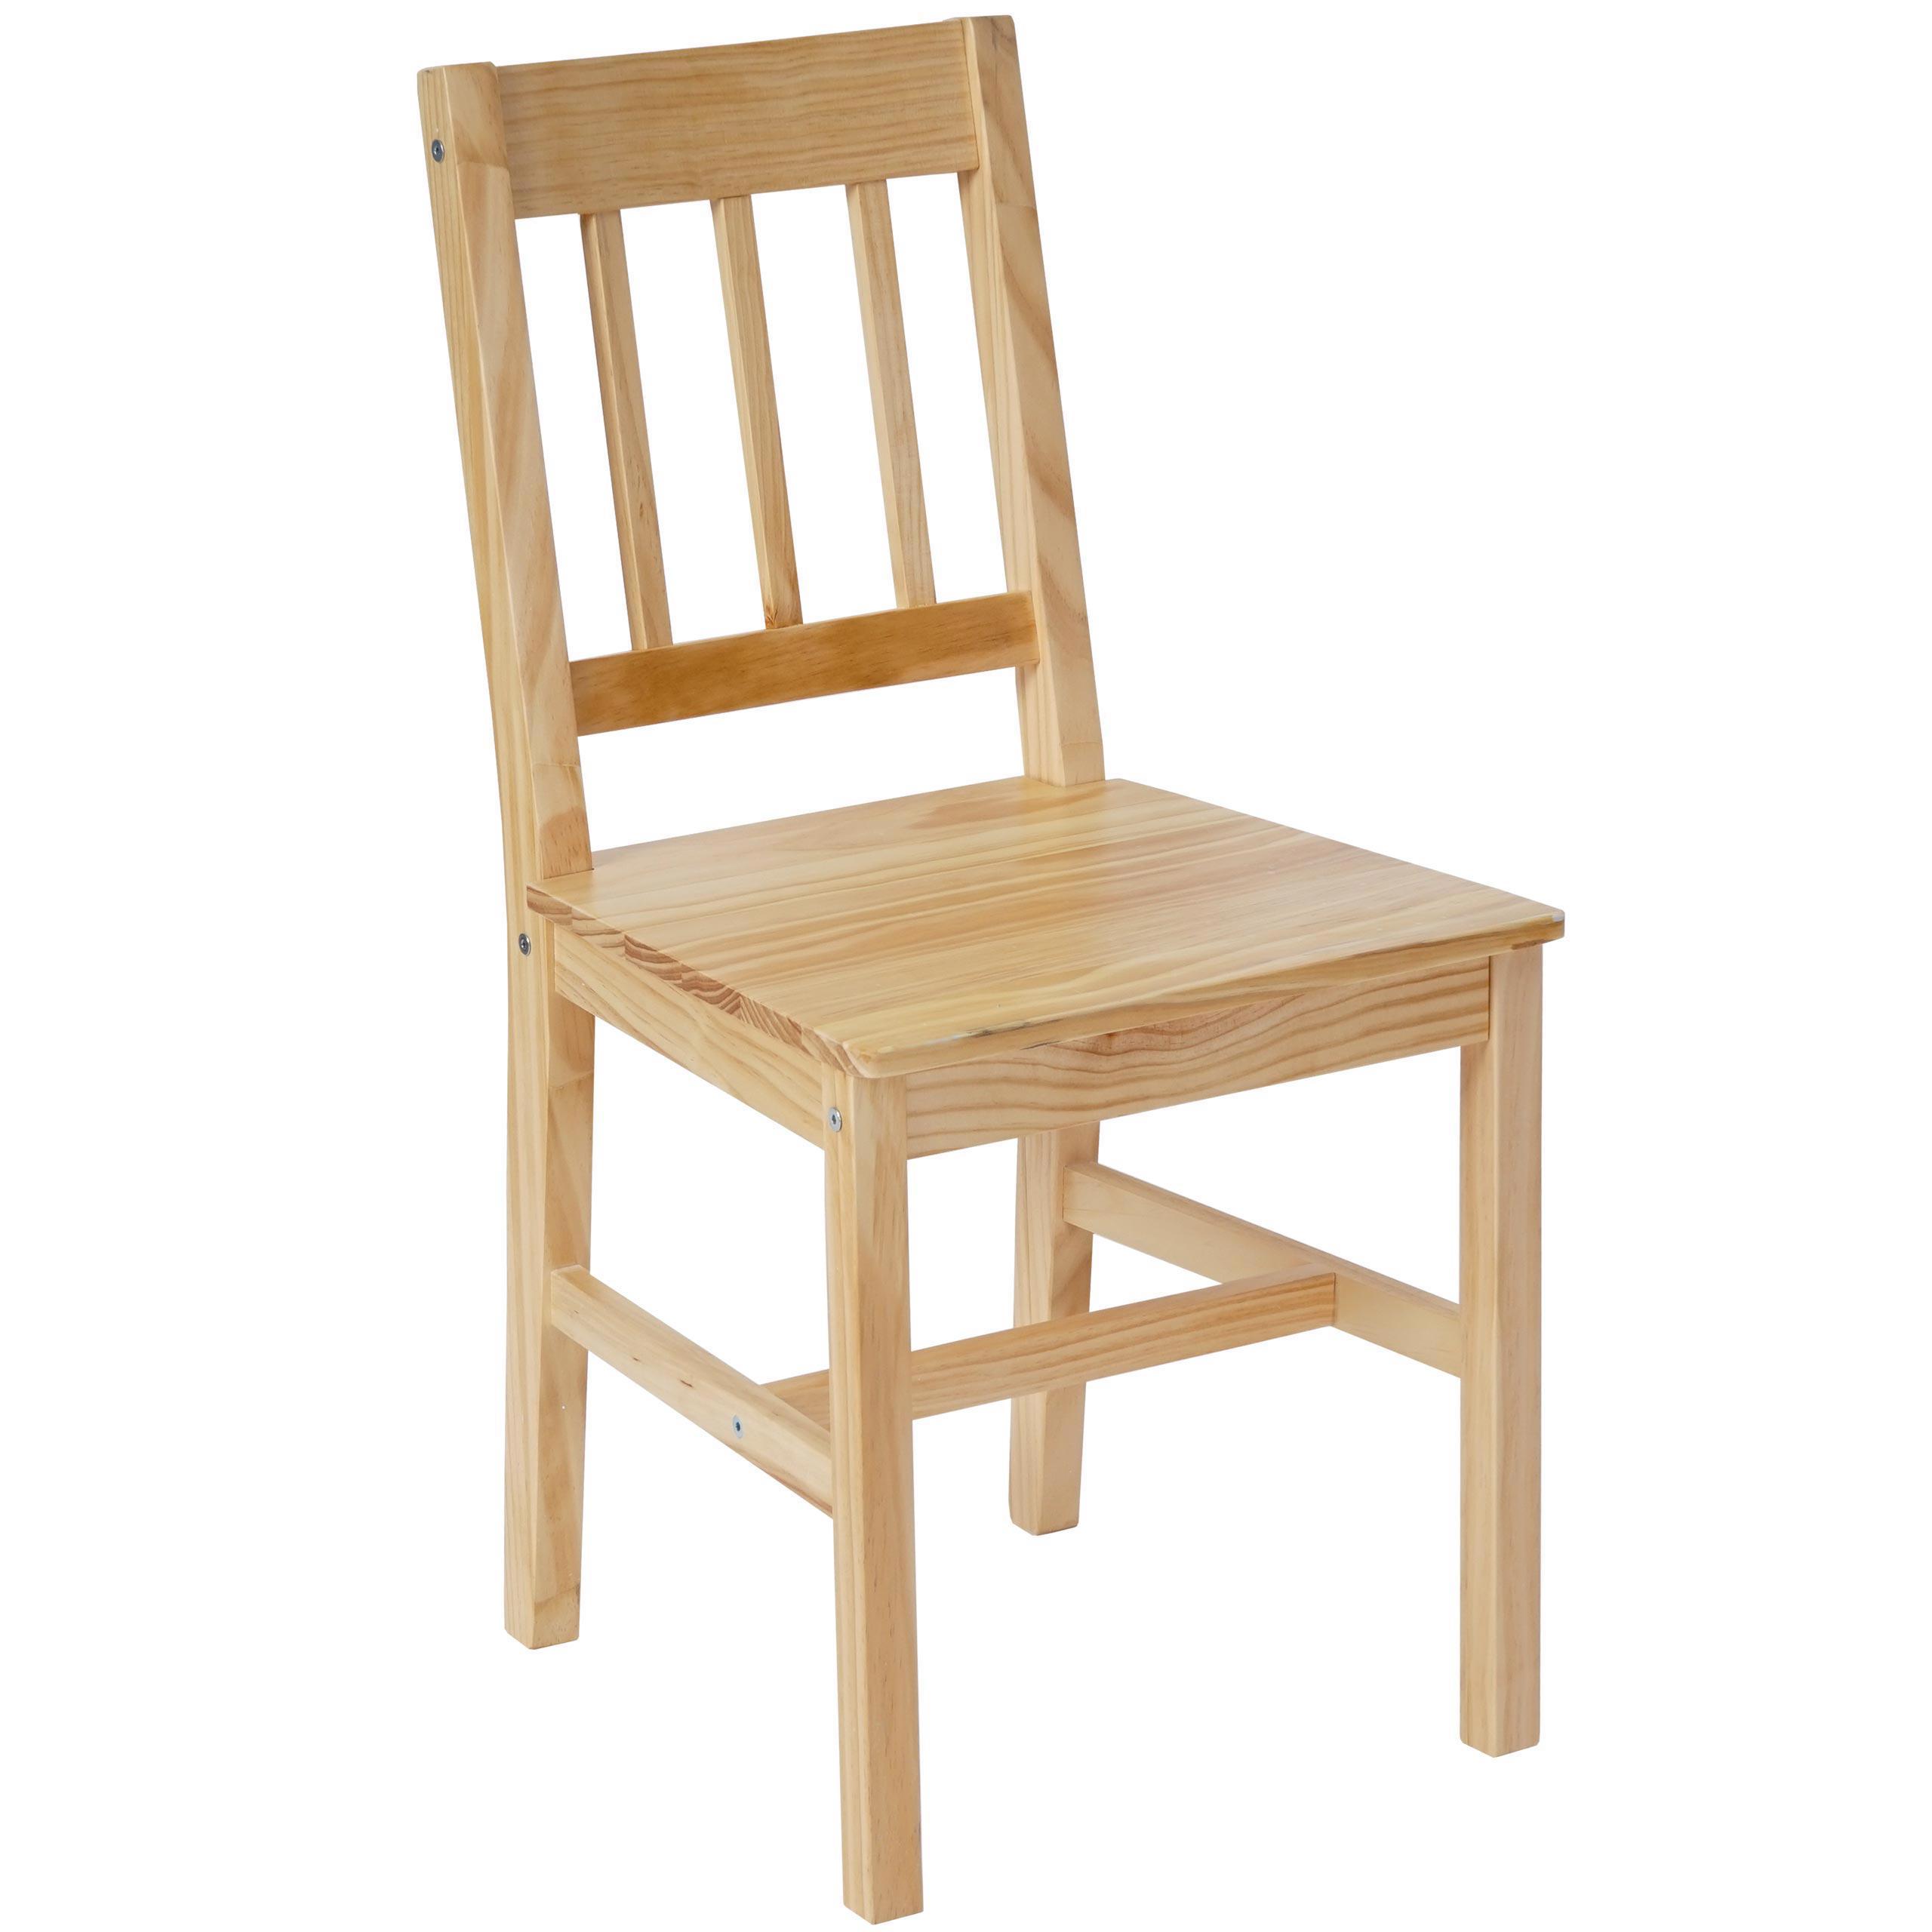 Lote 6 sillas de cocina o comedor nerja en marr n haya for Ondarreta mesas y sillas